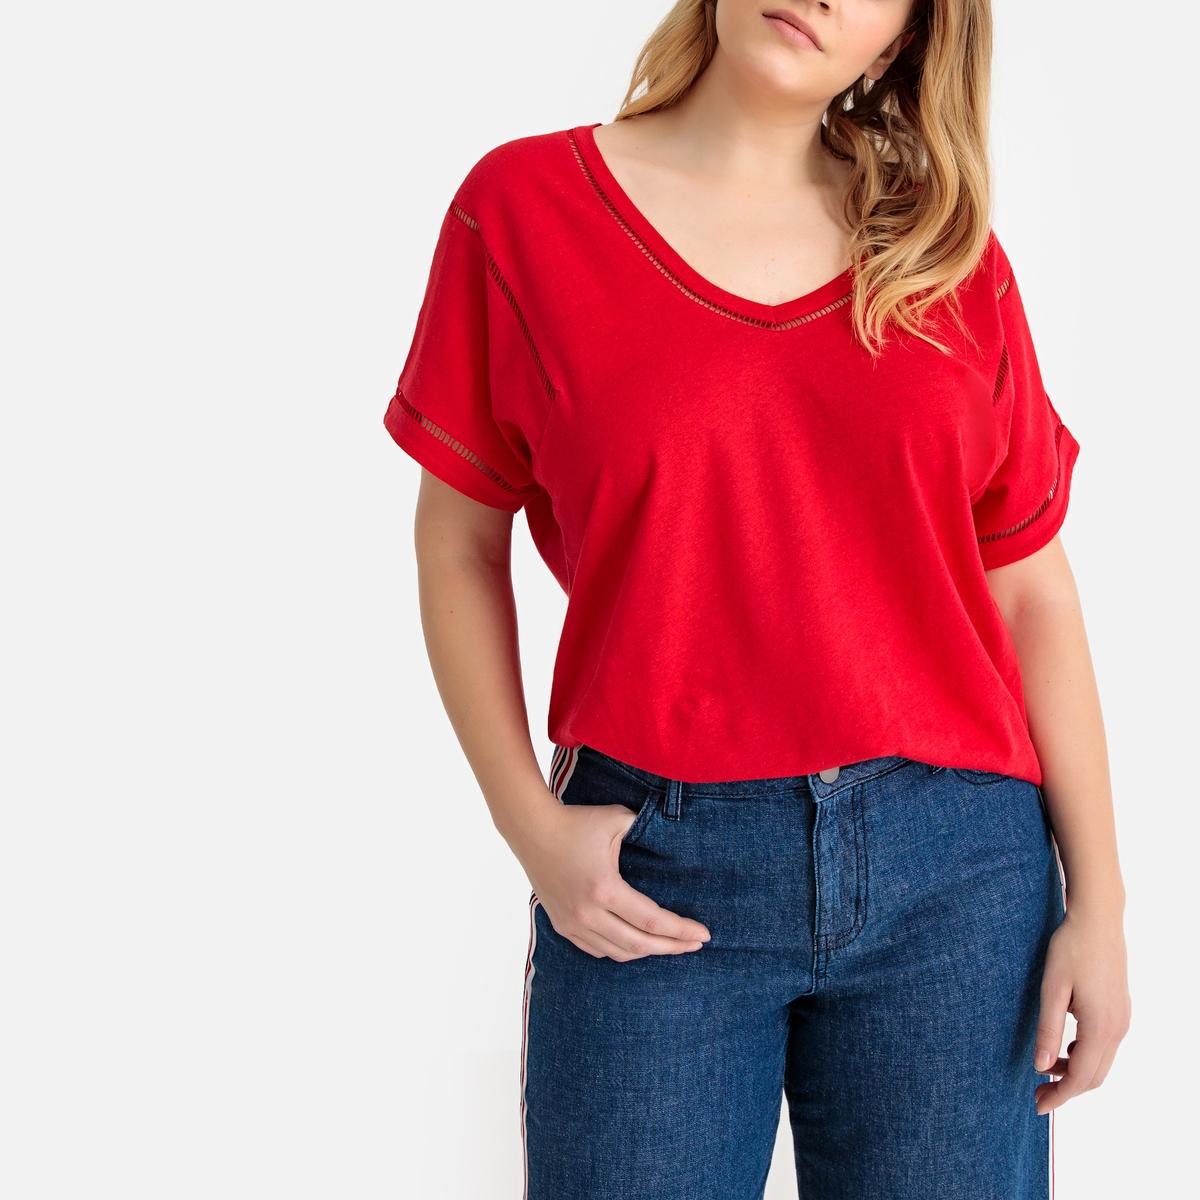 T-shirt, mistura de linho, bordado ajurado